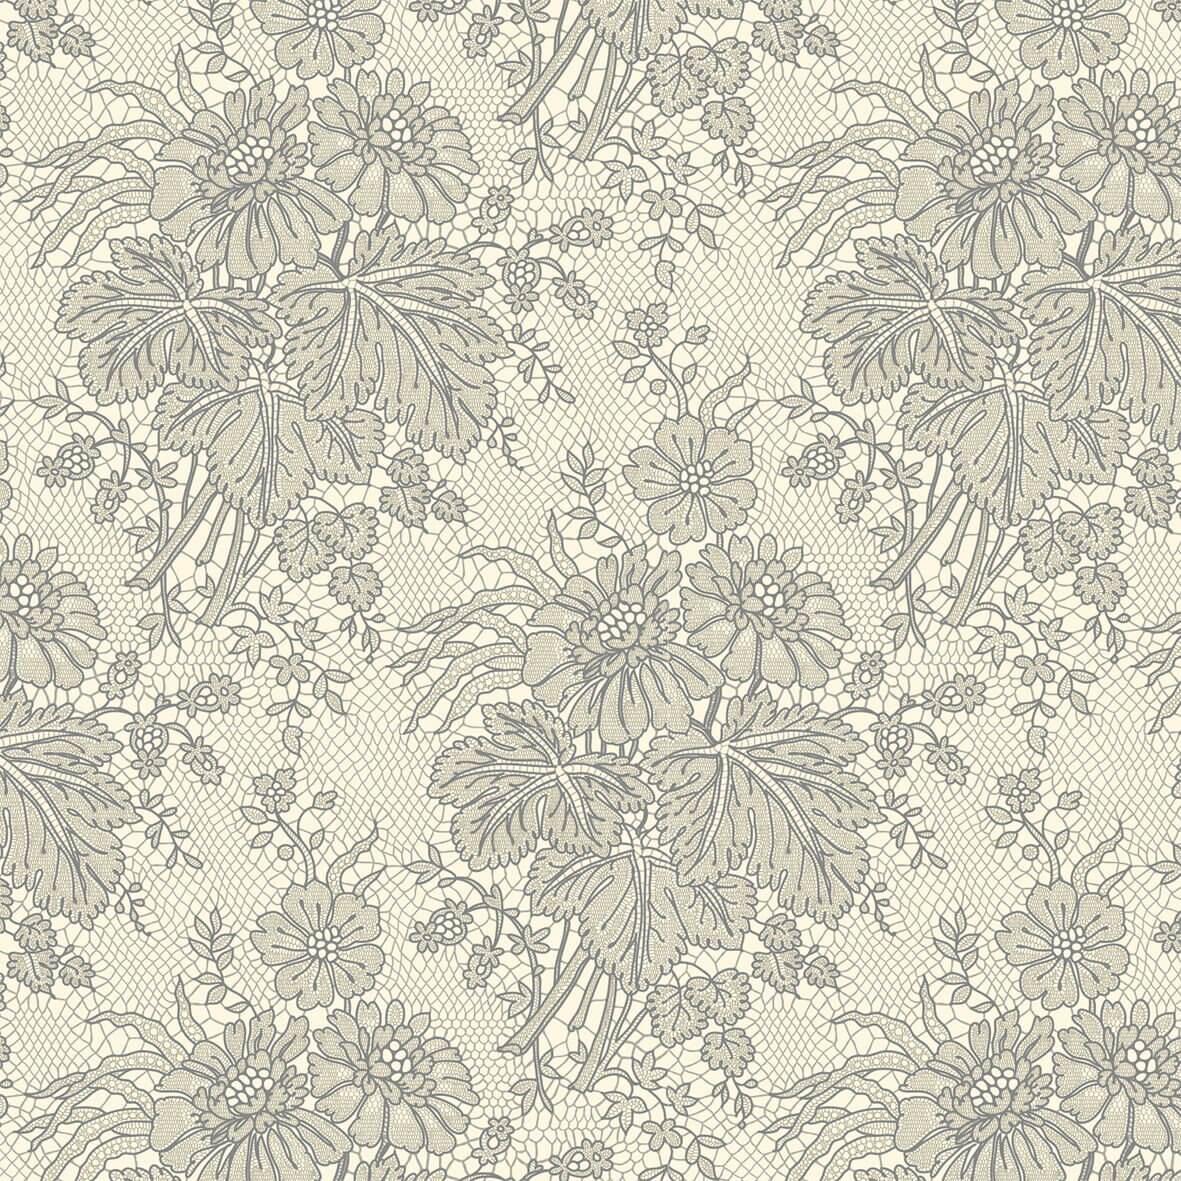 Princess Lace Decorative A3 Paper - Zoom